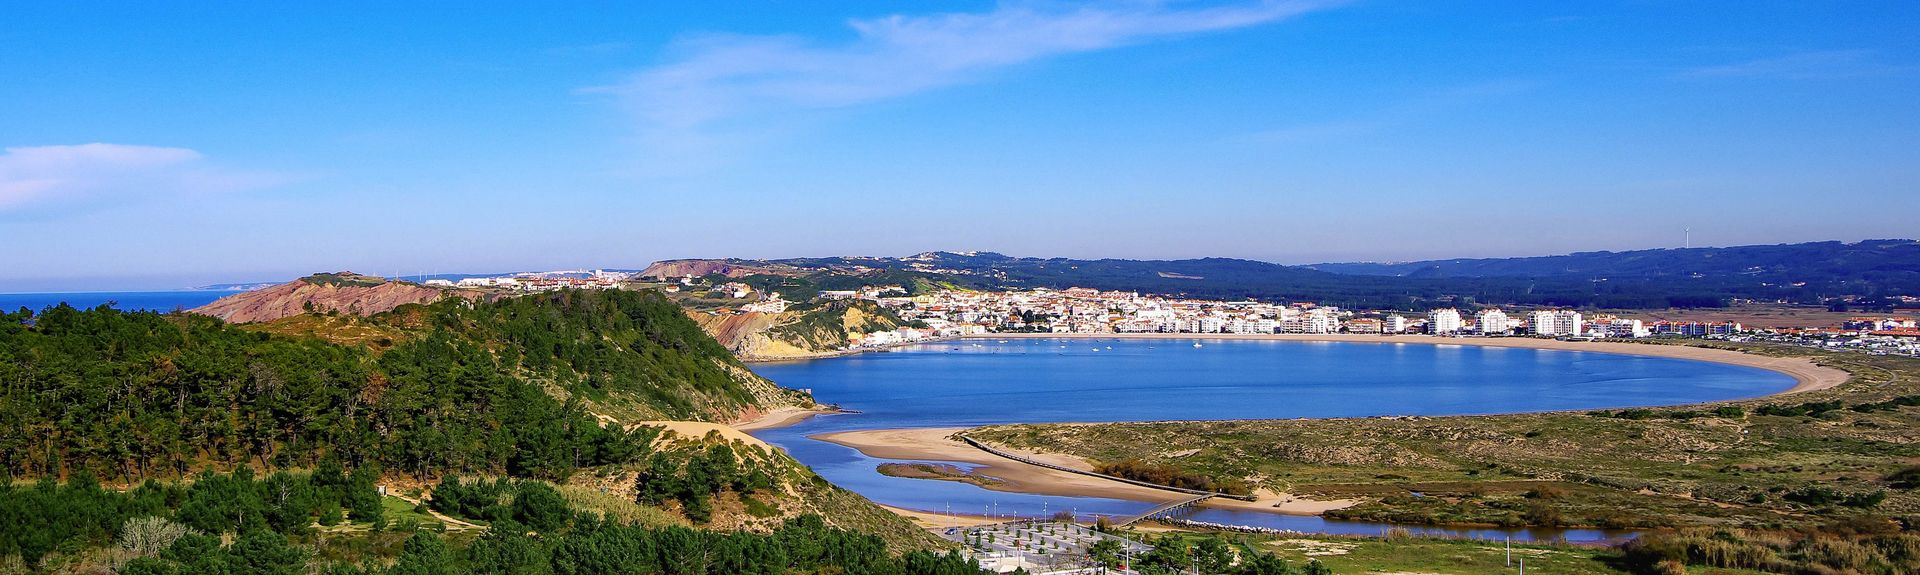 São Martinho, Região Autónoma da Madeira, Portugal